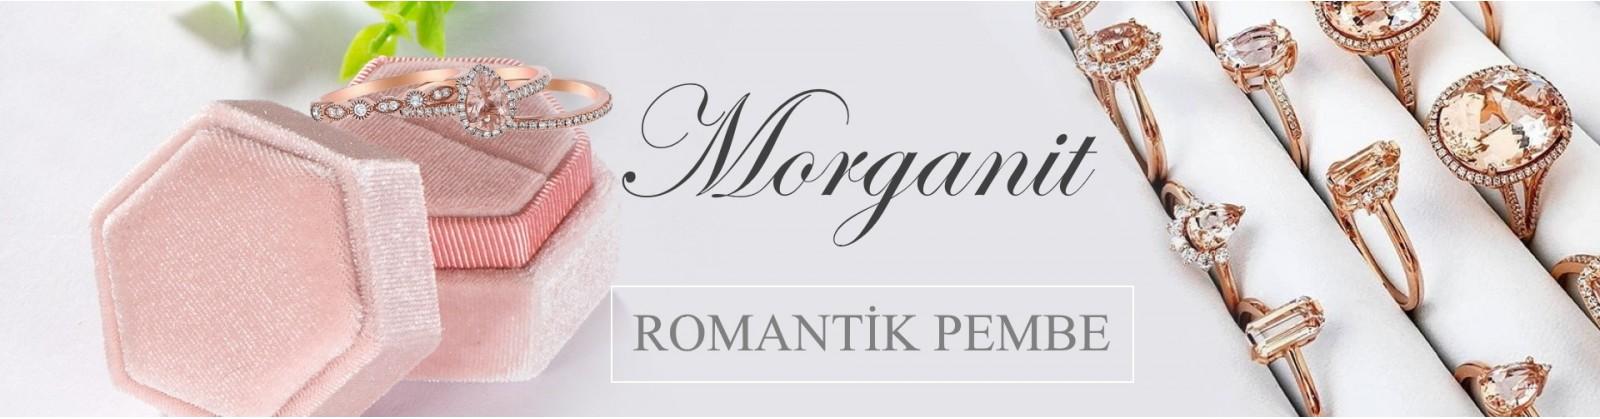 Morganit Taşlı Yüzük